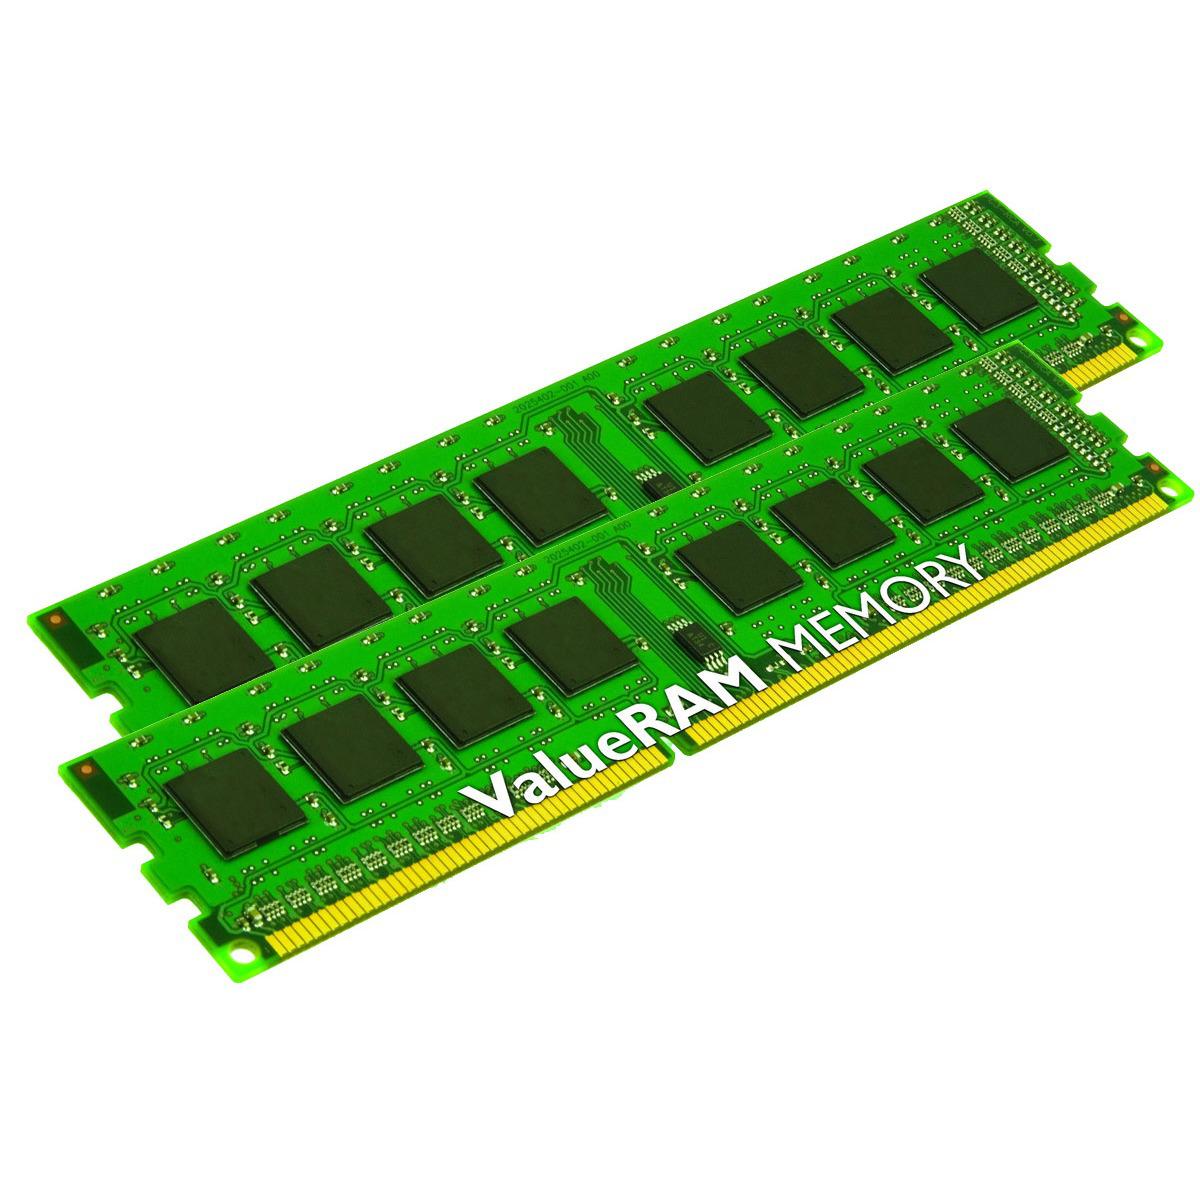 Barrettes de ram Kingston ValueRAM 8 Go (2 x 4 Go) DDR3 1600 MHz CL11 SR X8 (garantie à vie)